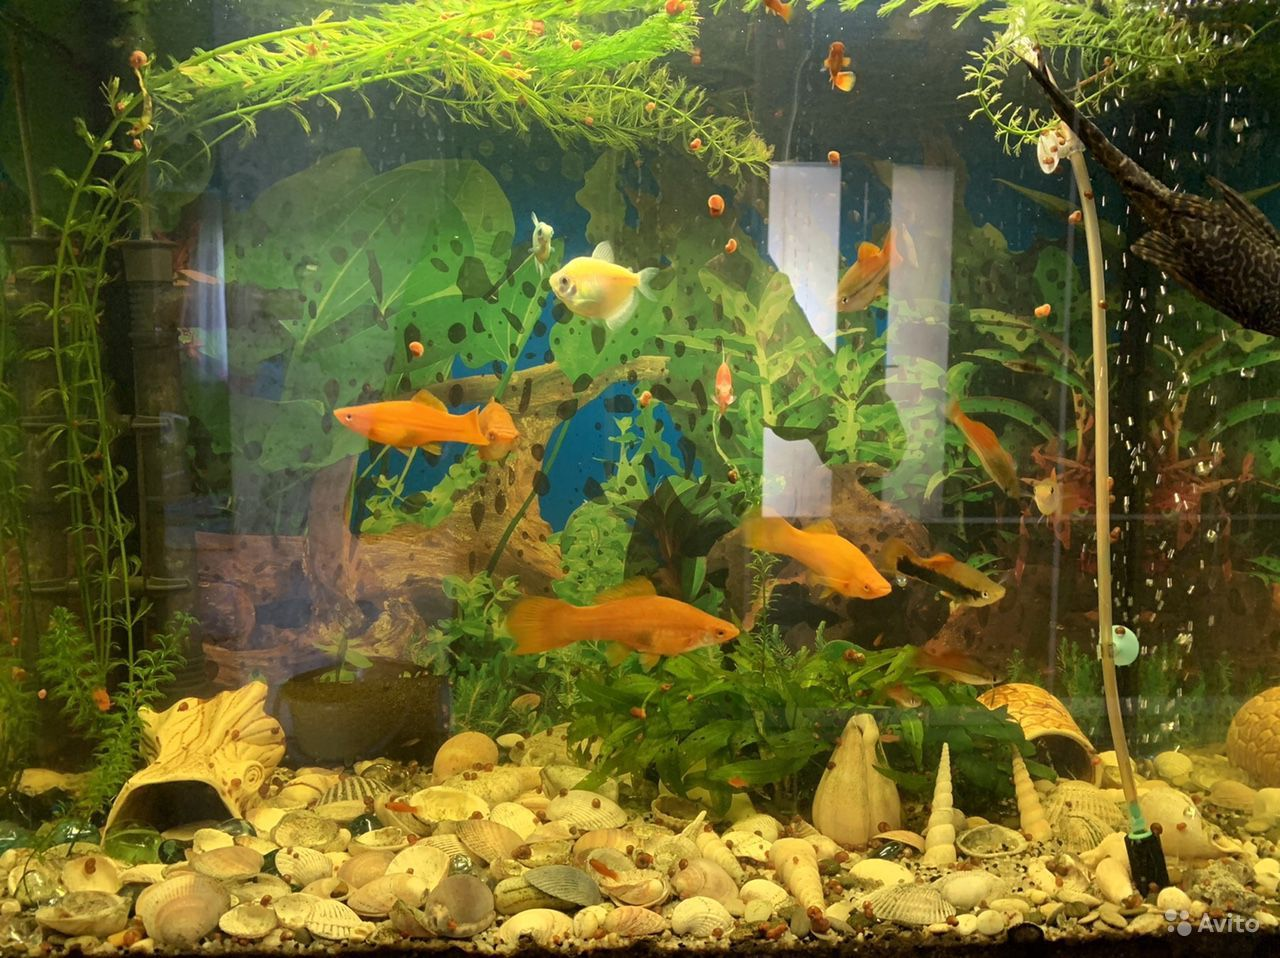 Аквариум с рыбками на тумбе купить на Зозу.ру - фотография № 1